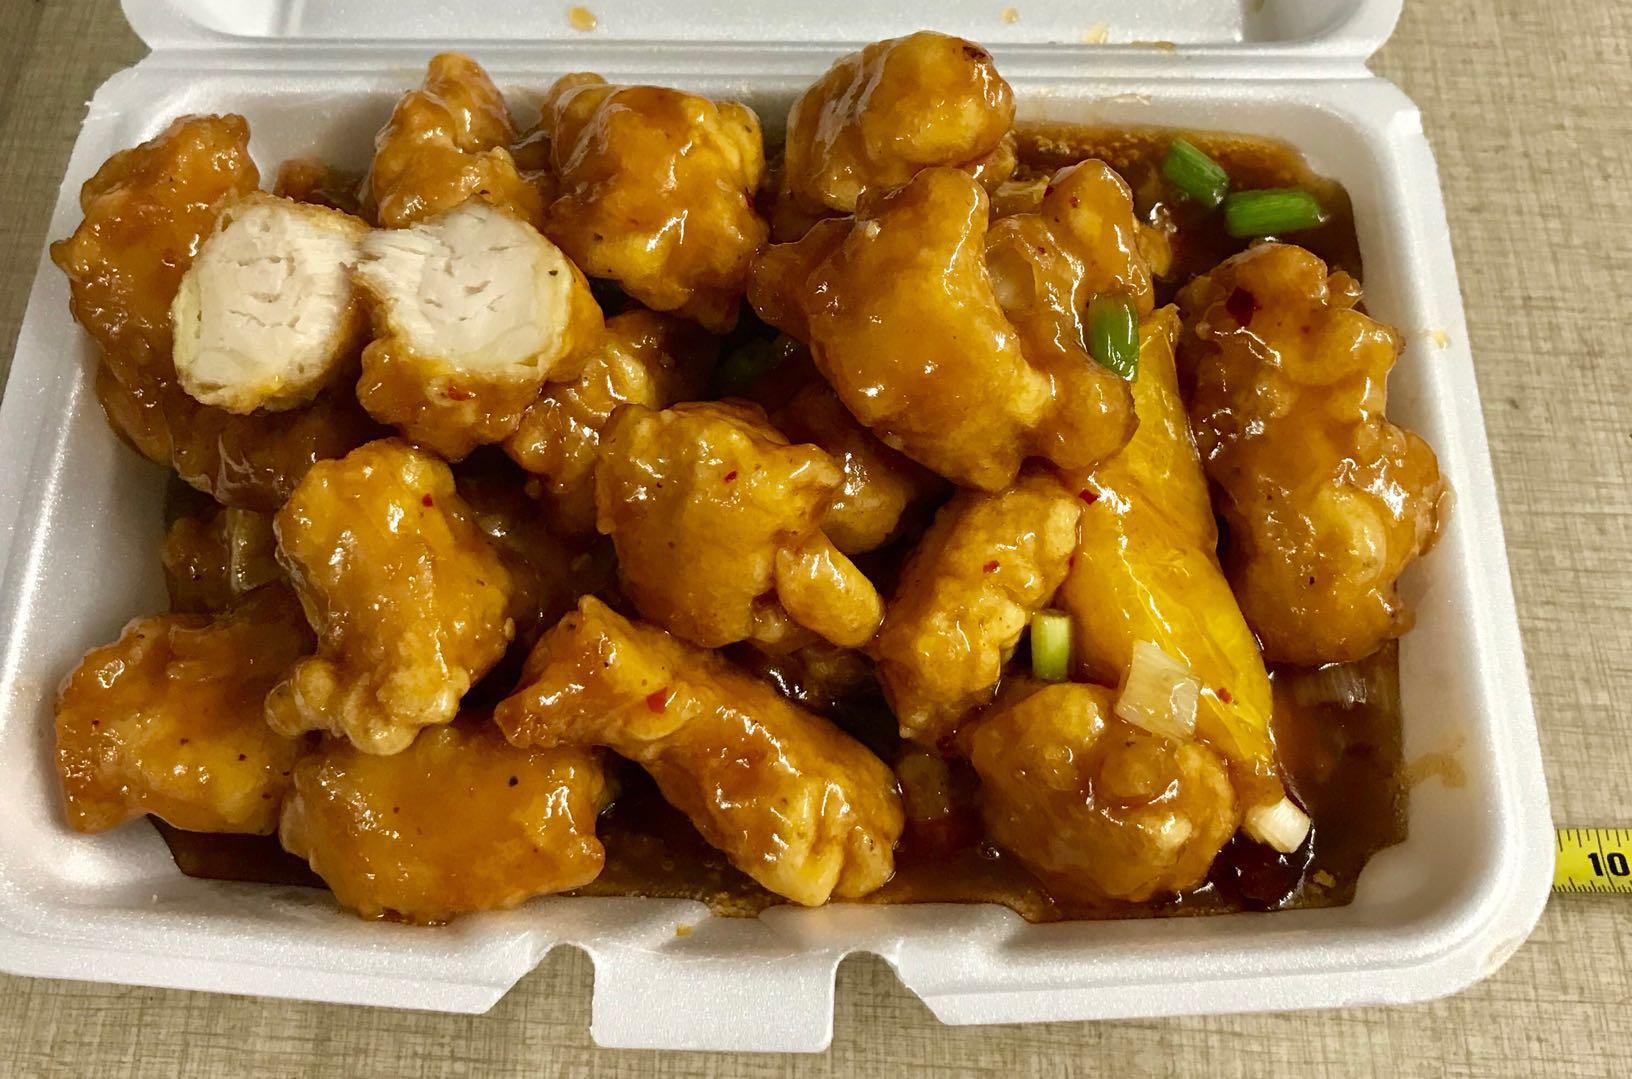 160. Orange Chicken Image